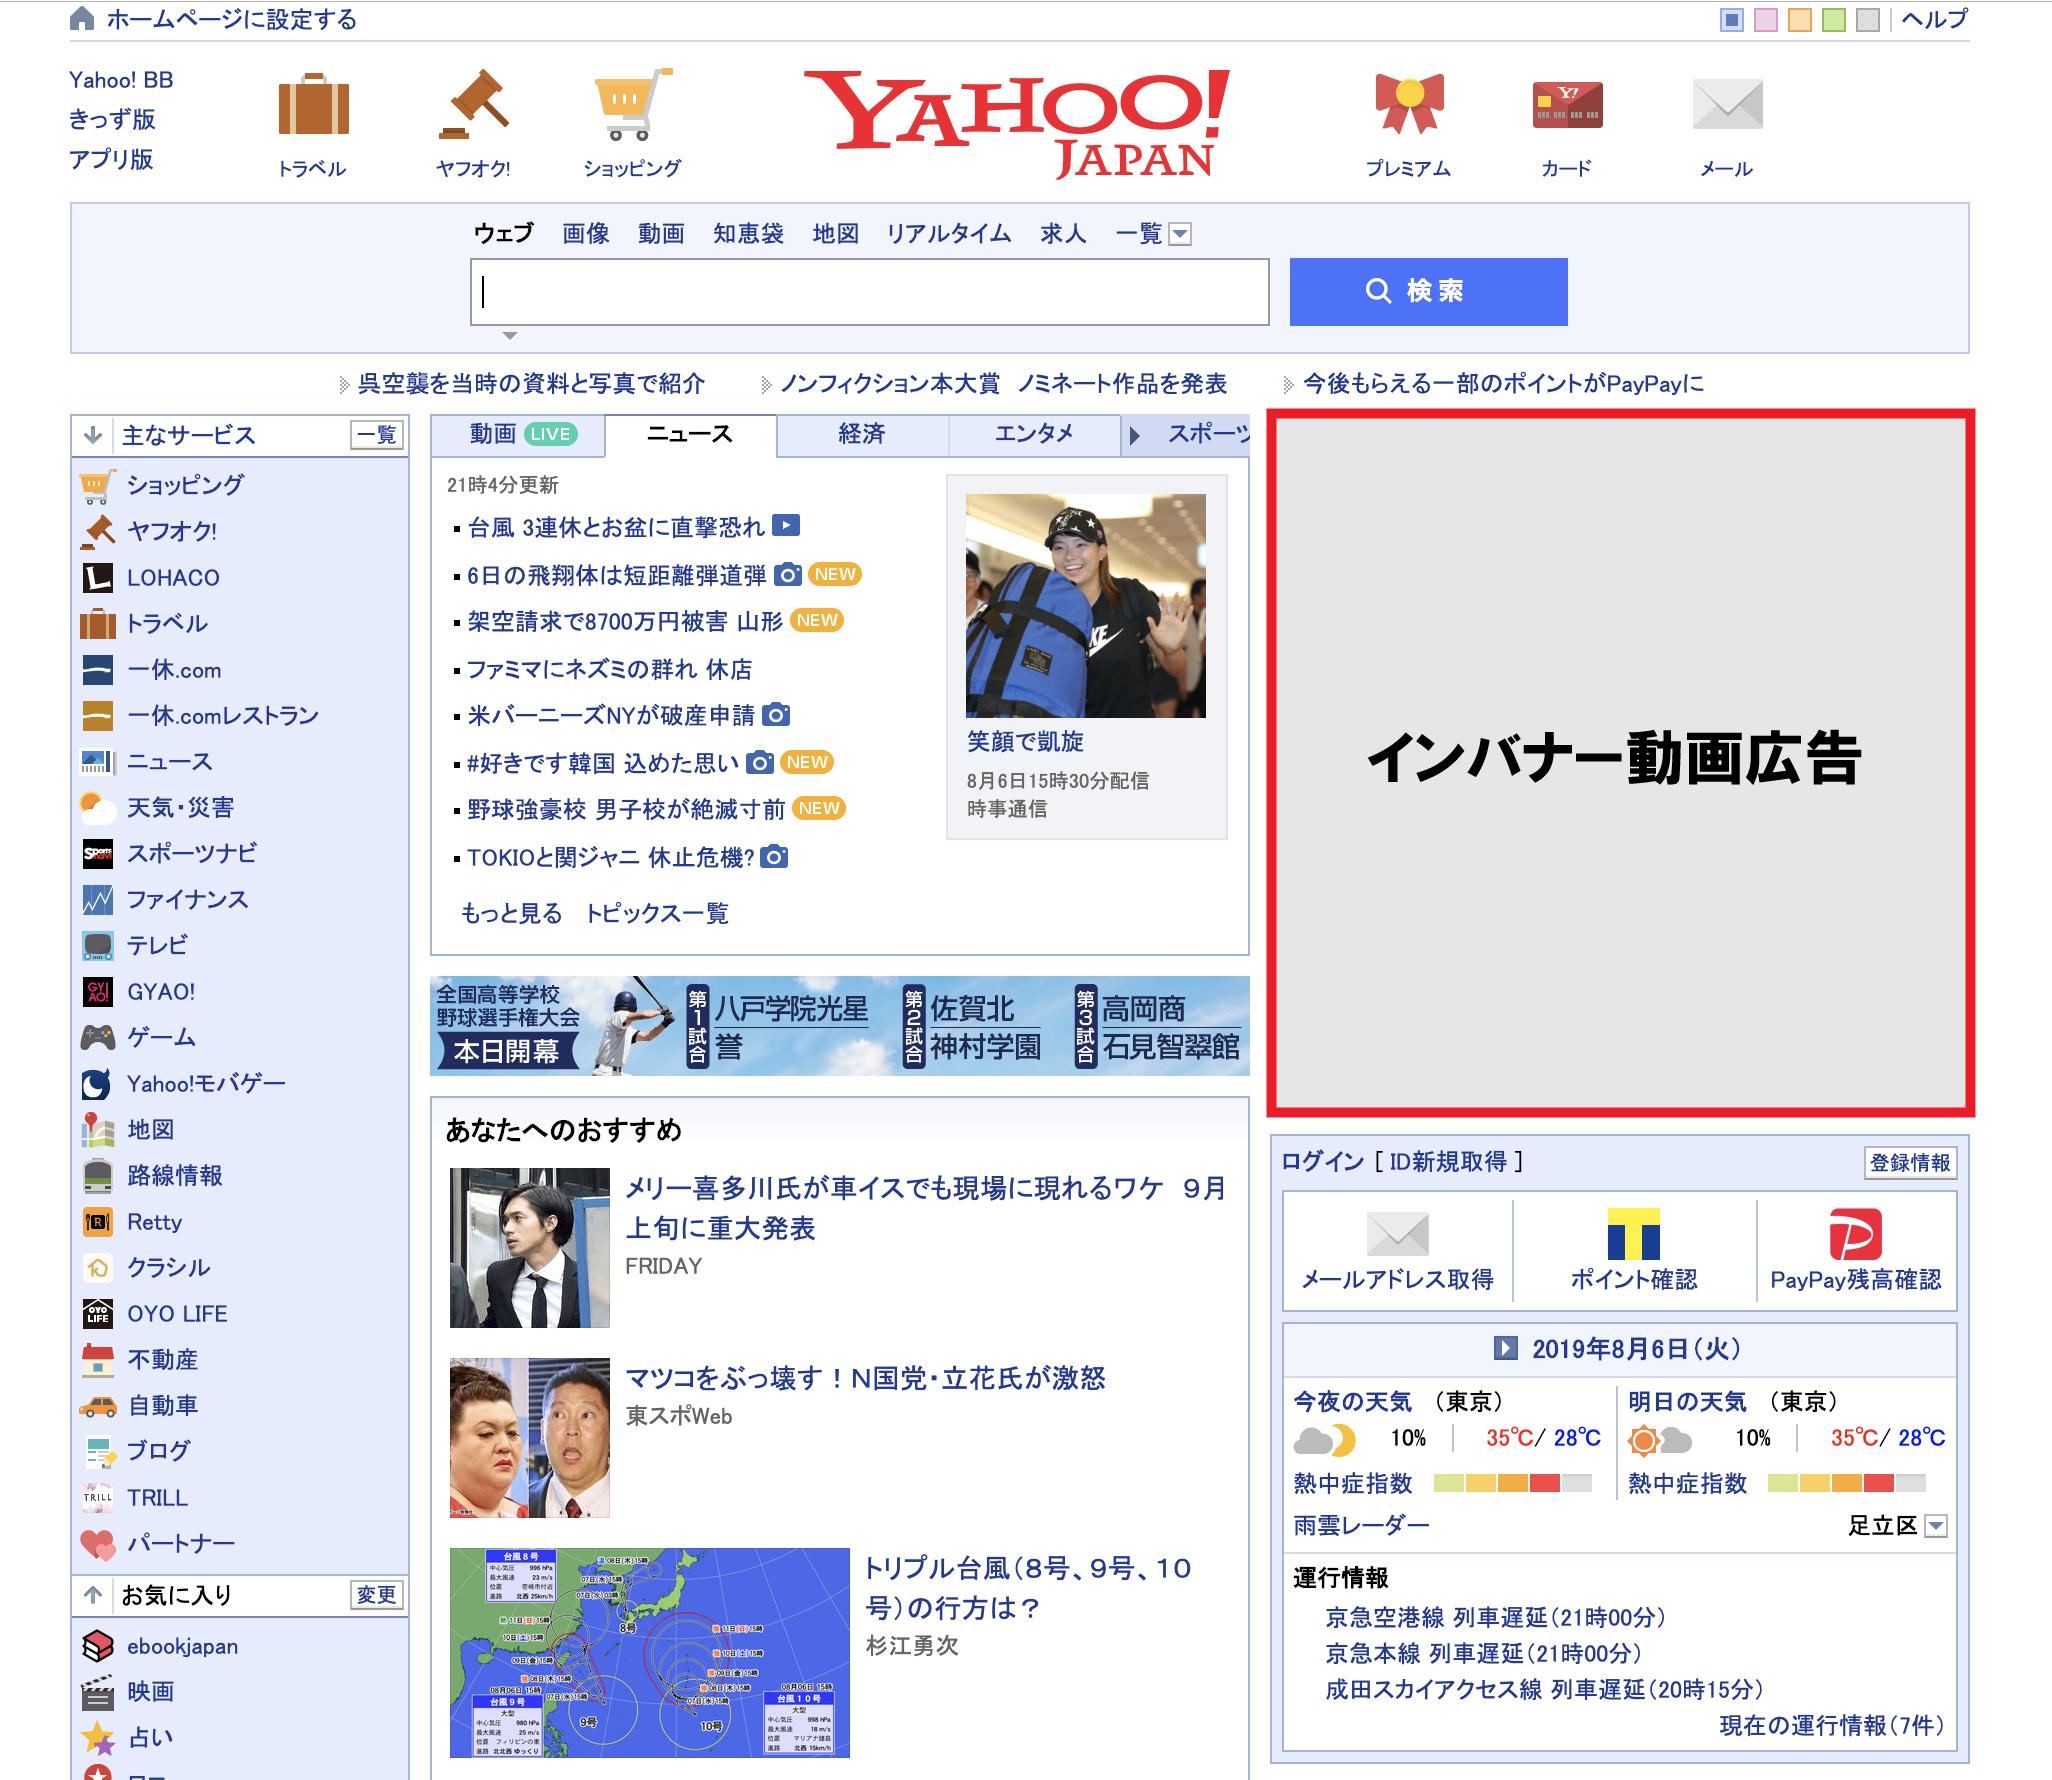 インバナー動画広告のイメージ画像